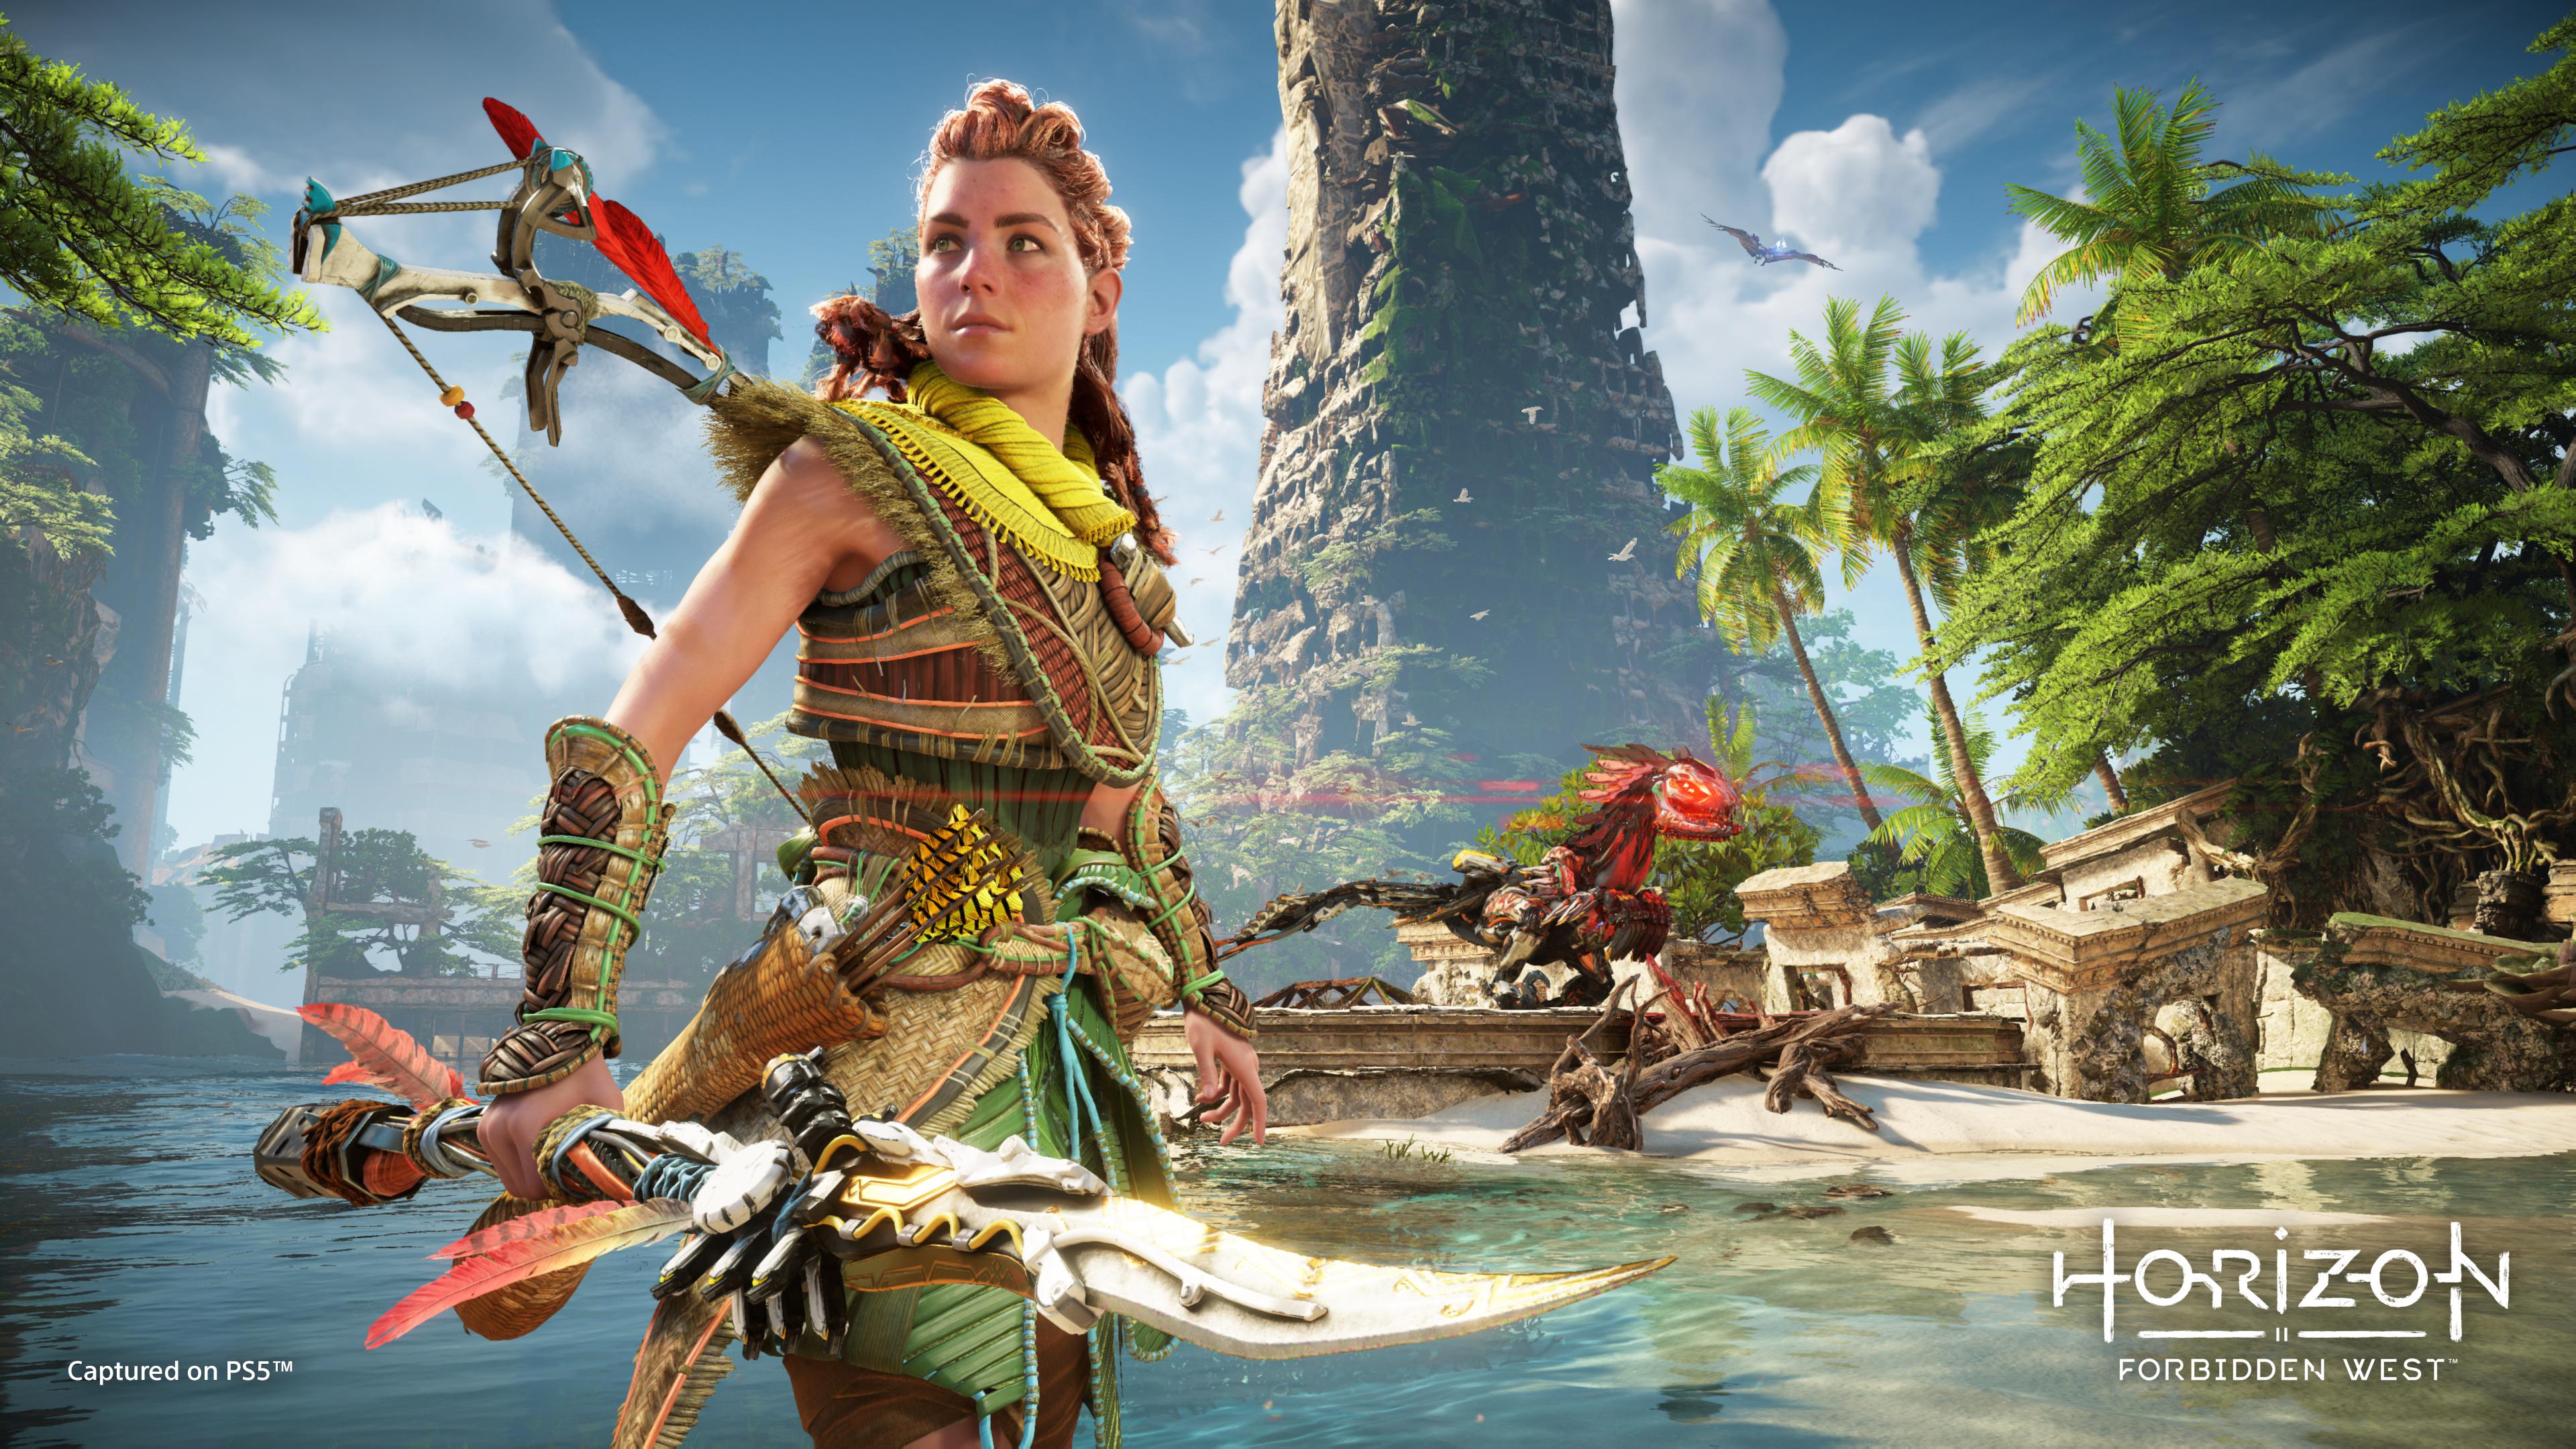 Характер Элой, модели персонажей и улучшения для PS5 - новые подробности Horizon Forbidden West 3